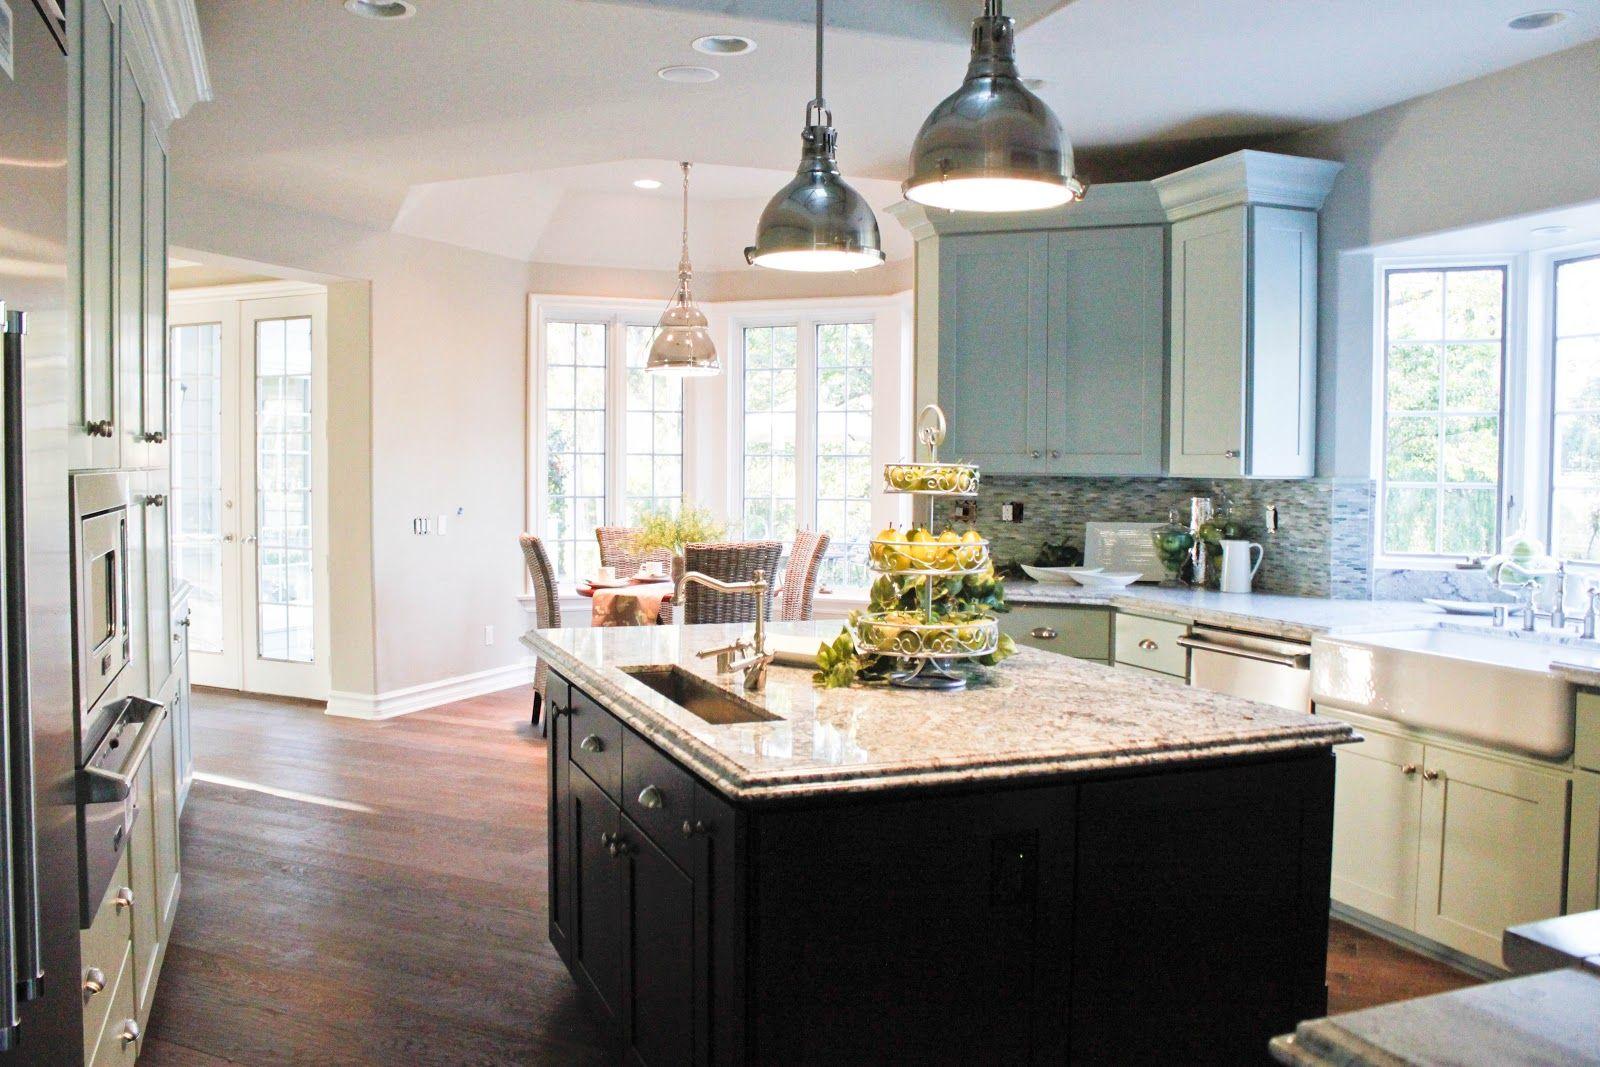 black kitchen island stools  kücheninsel leuchten